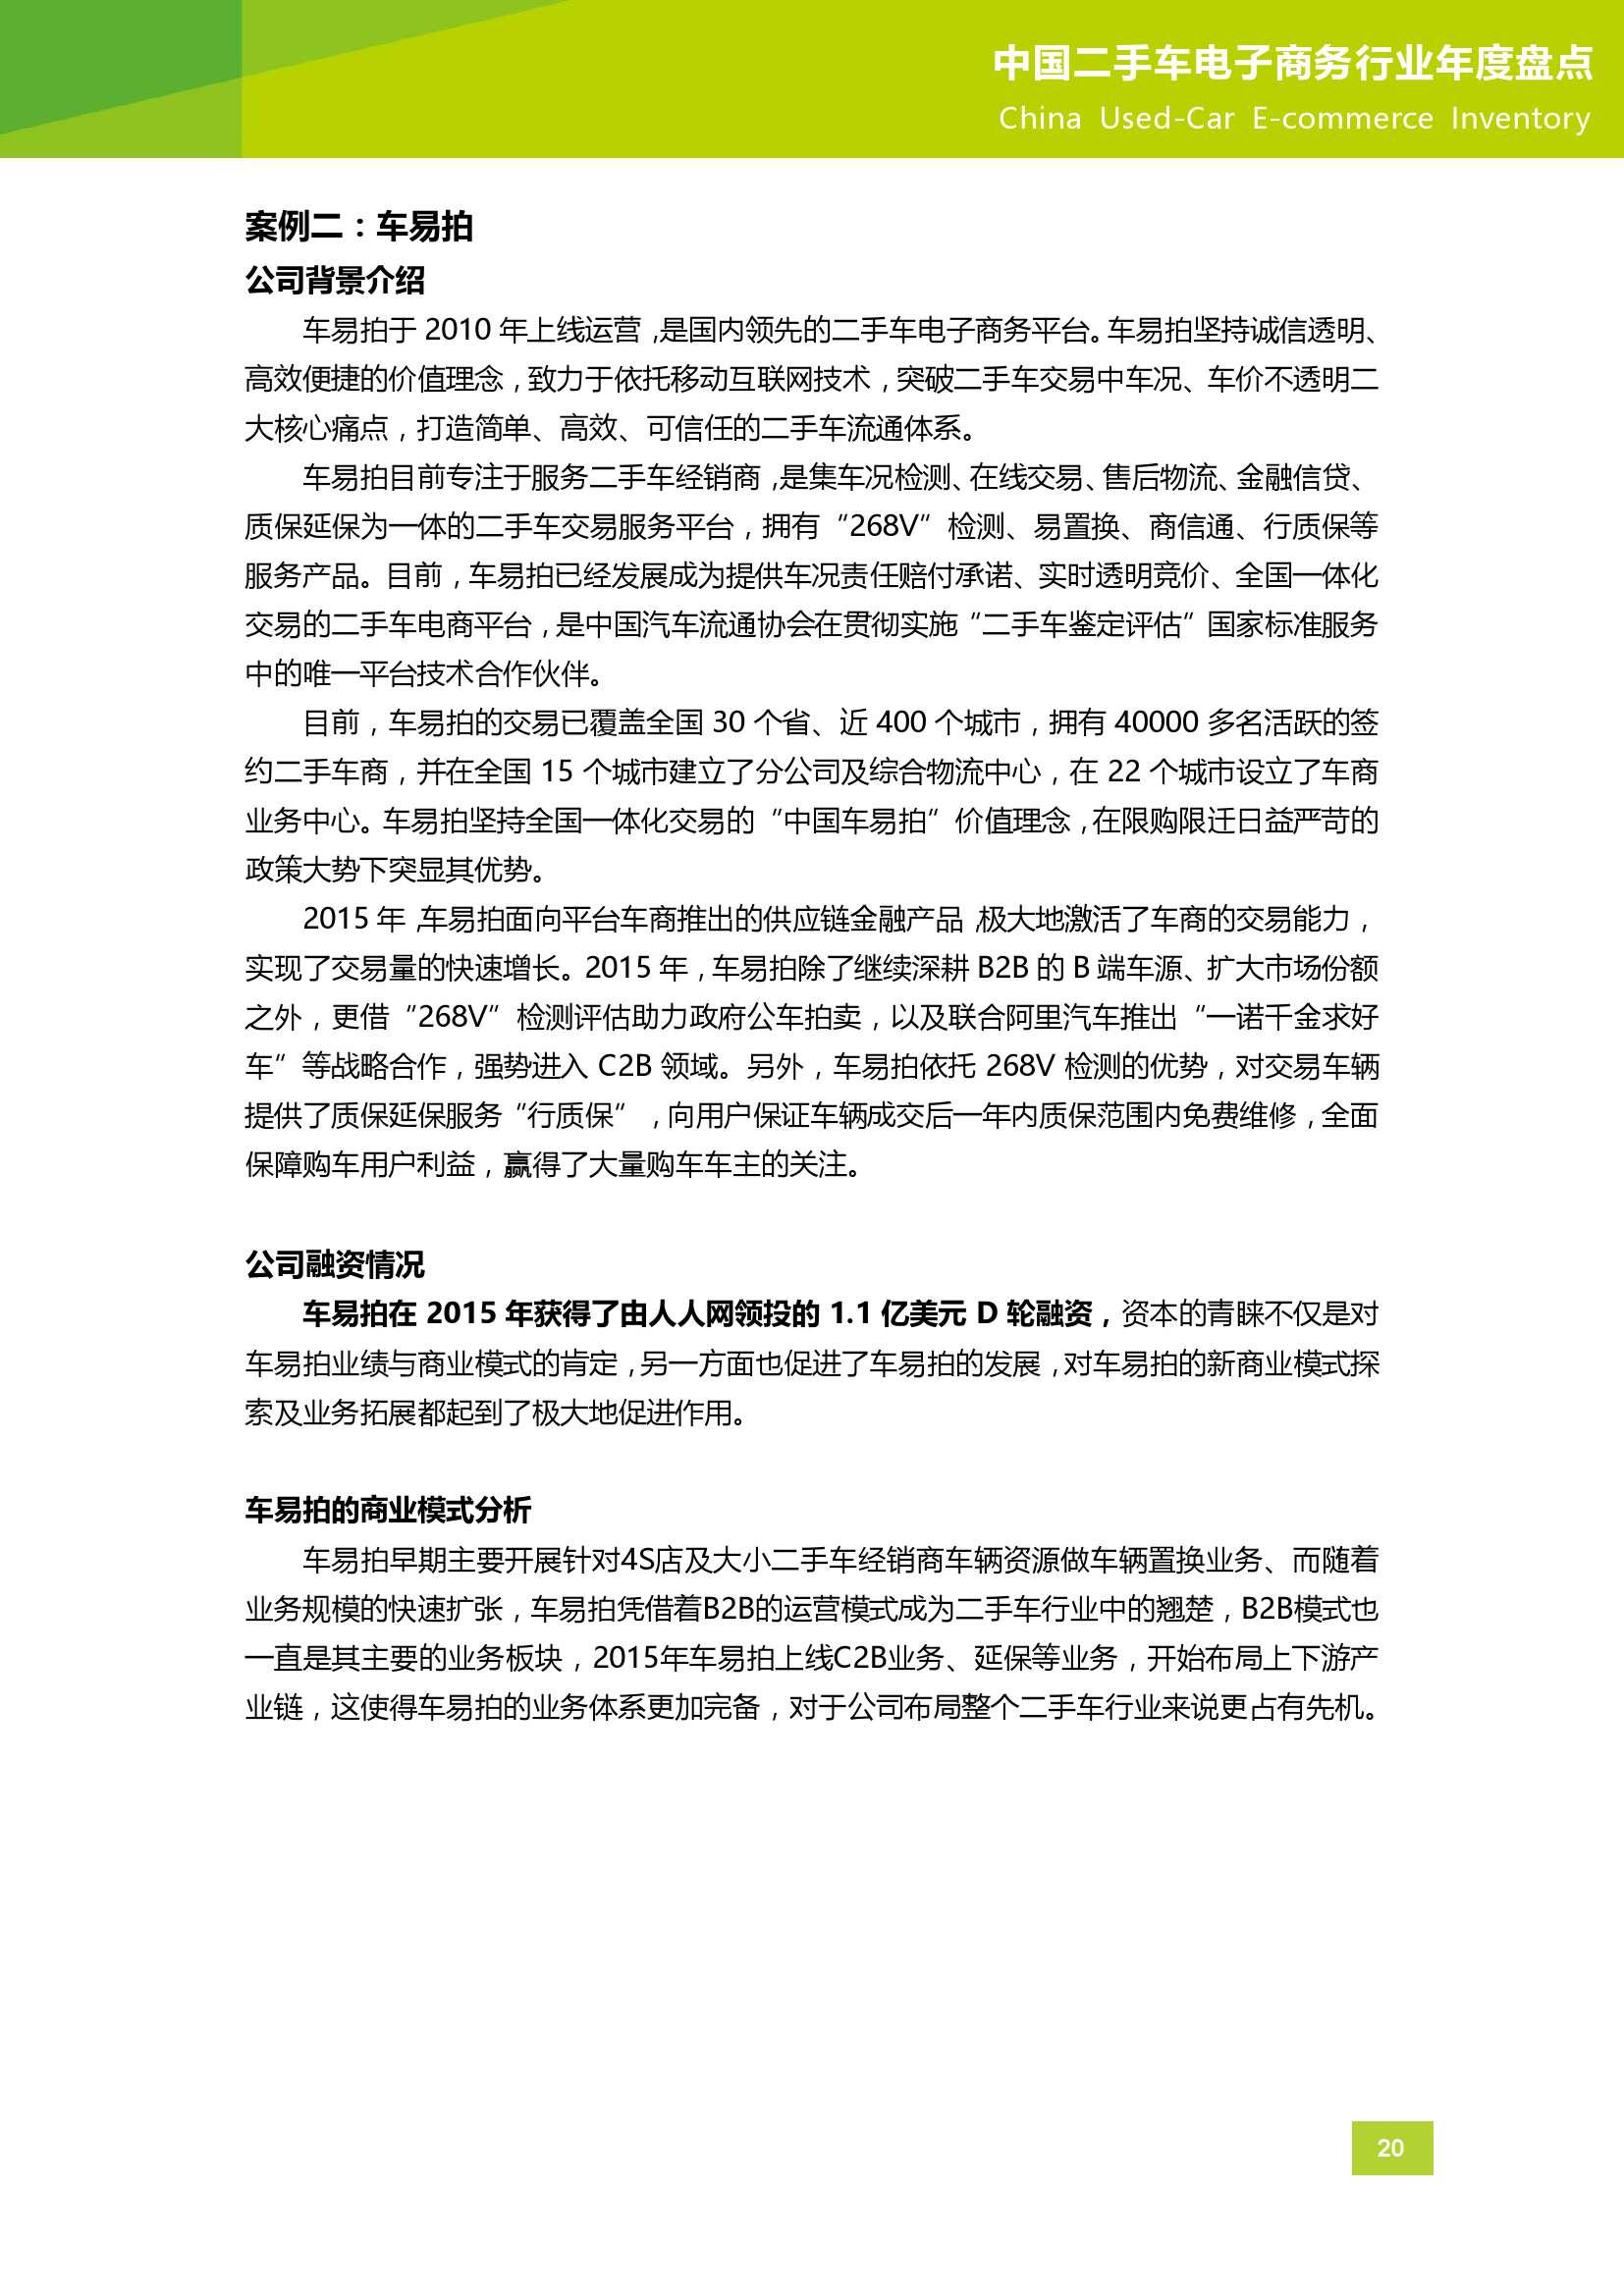 2015年中国二手车电子商务行业年度盘点_000021